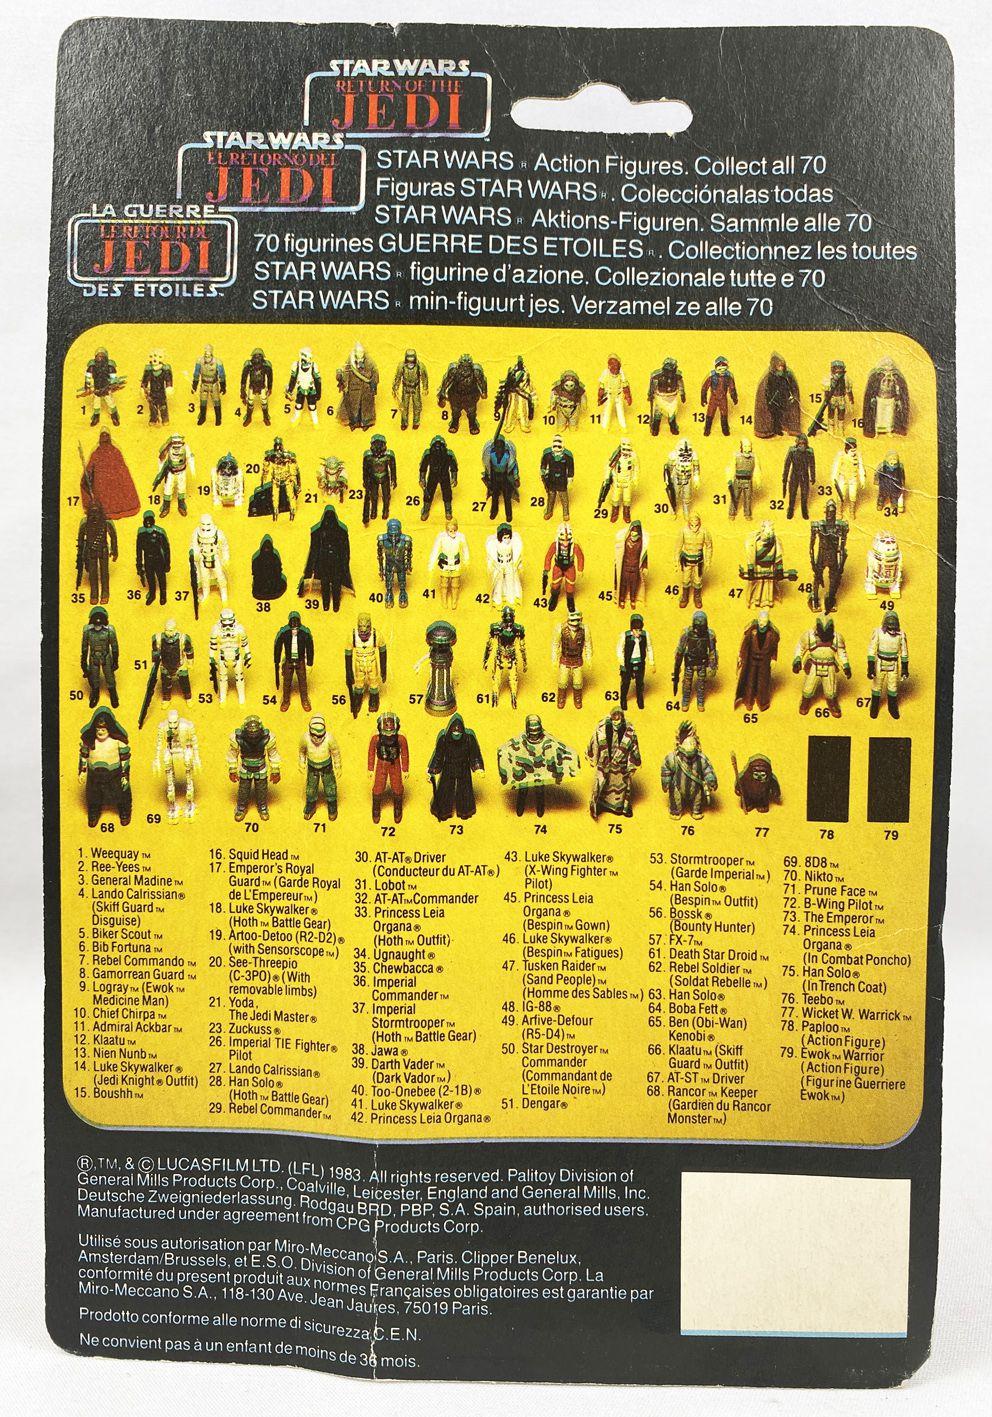 Star Wars Trilogo ROTJ 1983/1985 - Kenner - Amanaman